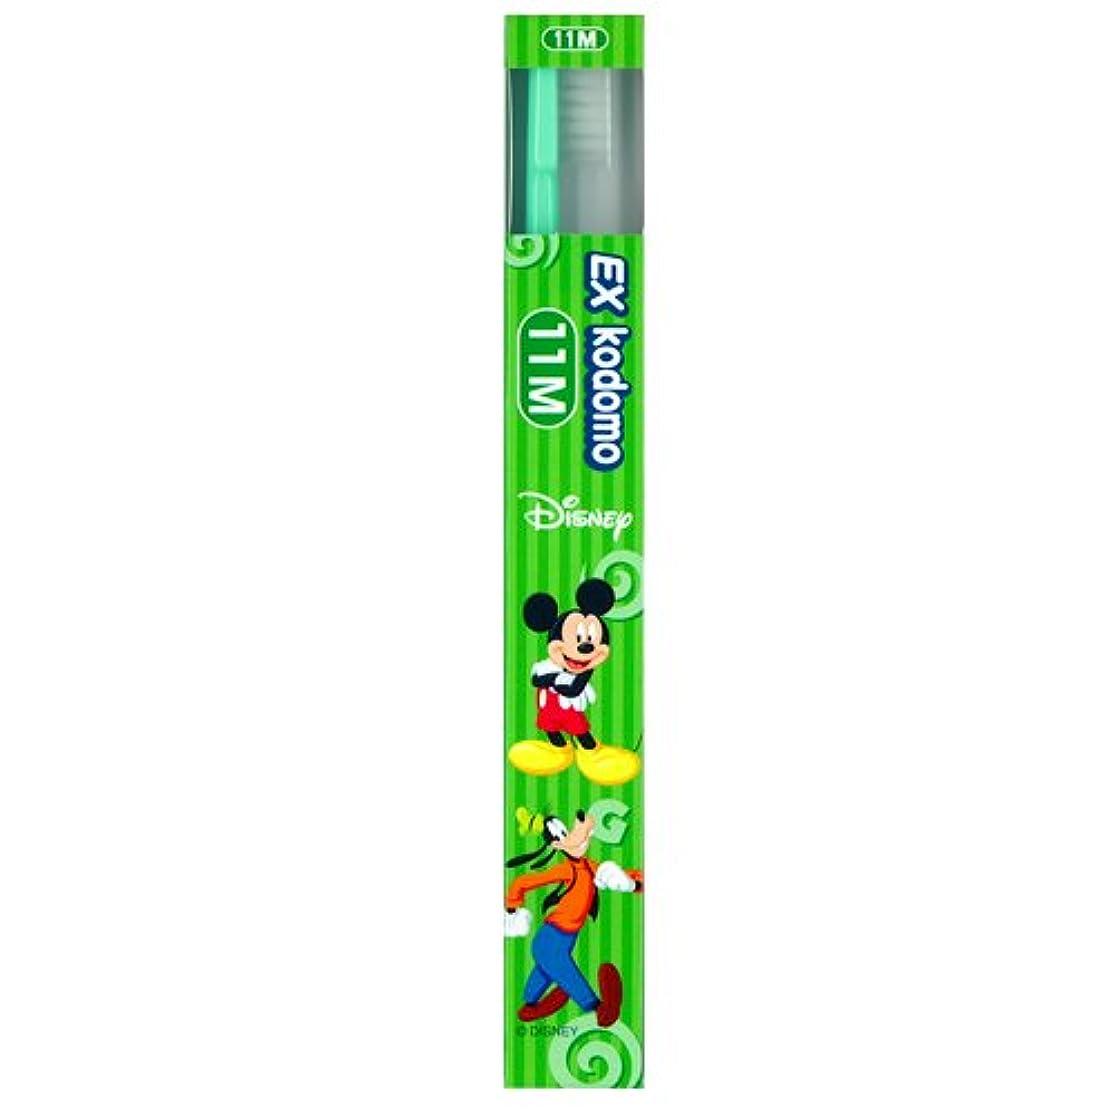 平方広いトレーダーライオン EX kodomo ディズニー 歯ブラシ 1本 11M グリーン